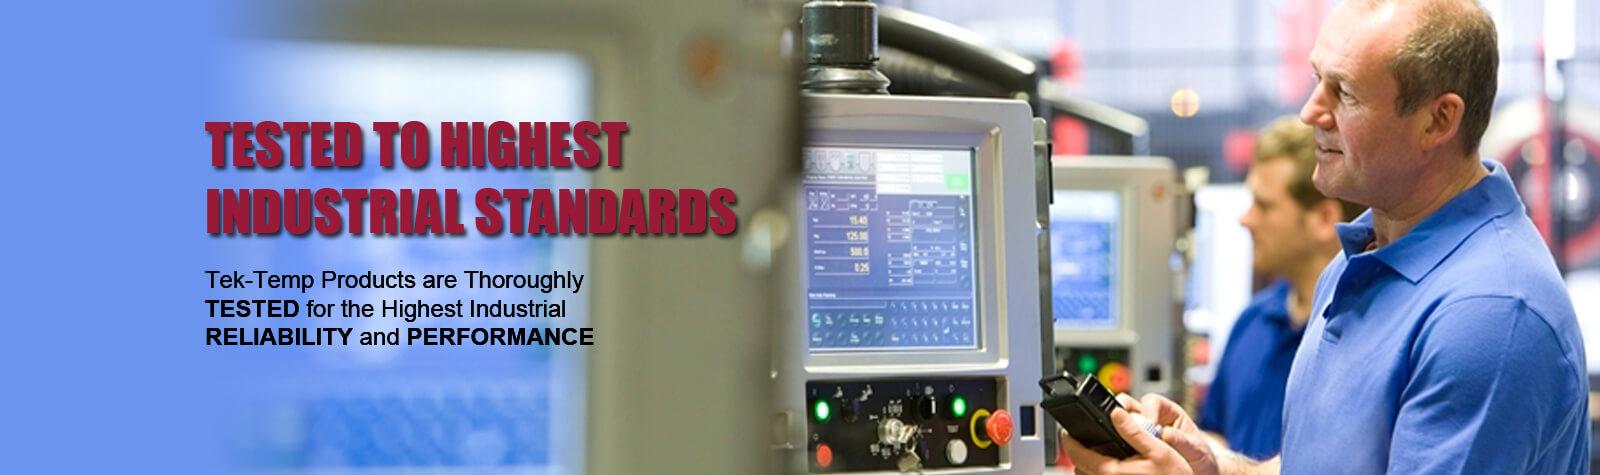 tek-temp-new-slide-highest-standards